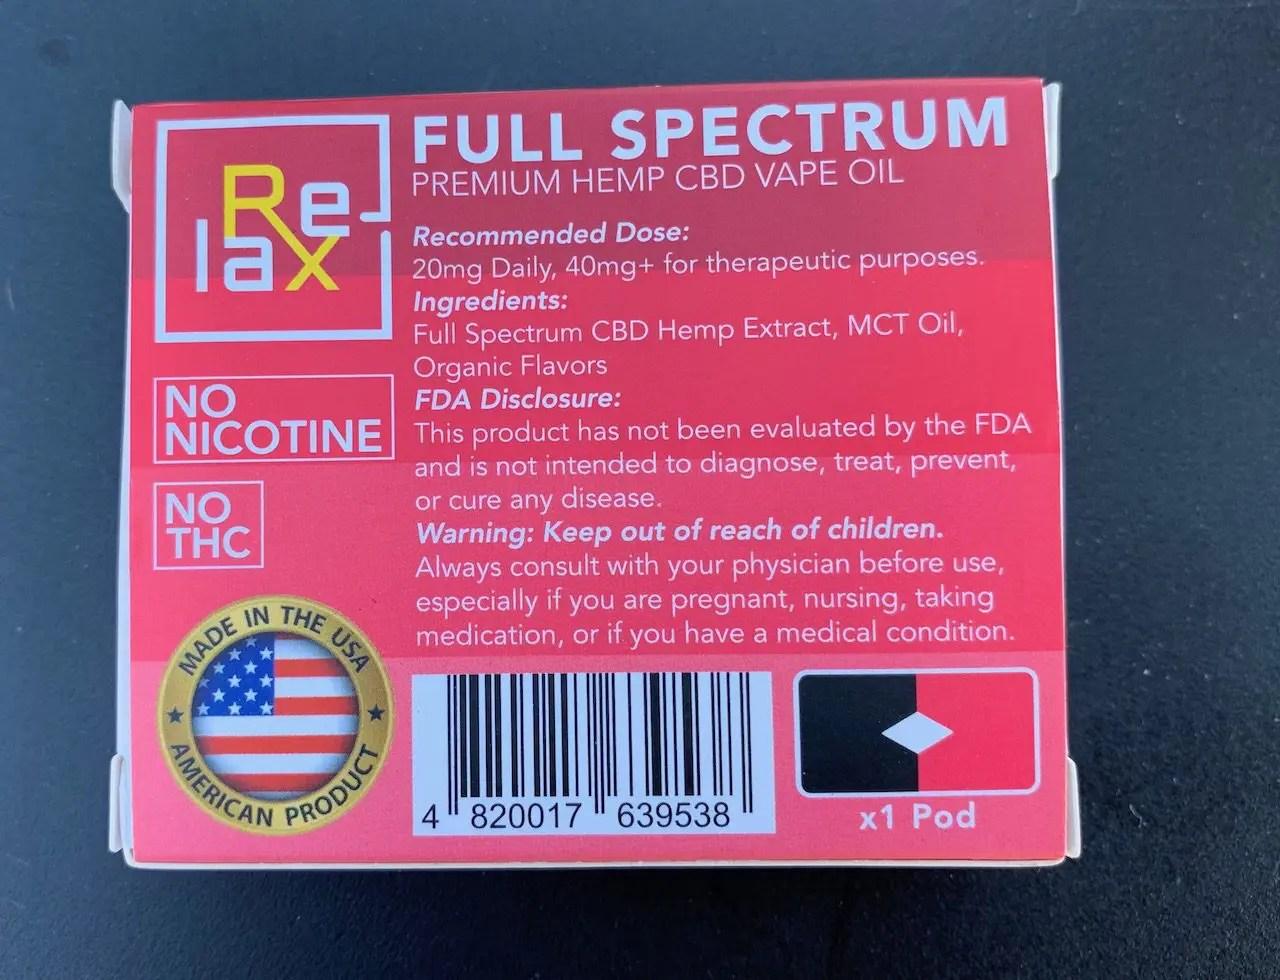 图2: Recommended Dose: 20mg Daily, 40mg+ for therapeutic purposes. 推荐用量: 每天20毫克,用于医疗目每天可以40毫克以上。  Ingredients: Full Spectrum CBD HTMP Extract, MCT Oil, Organic Flavors 成分: 整株汉麻提取的CBD,三酸甘油脂油,天然香料  FDA Disclosure: This Product has not been evaluated by the FDA and is not intended to diagnose, treat, prevent, or cure any disease. 美国食品药品监督管理局相关披露 本产品未经美国食品药品监督管理局评估,不可以用于医疗目的。  Warning: Keep out of reach of children. Always consult with your physician before use, especially if you are pregnant, nursing, taking medication, or if you have a medical condition. 警告:请防止小孩使用 使用本产品请谨遵医嘱,尤其是孕妇,哺乳期,或在使用其它药物期间。   NO NICOTINE, NO THC MADE IN THE USA AMERICAN PRODUCT 不含尼古丁,不含THC 美国制造,美国产品